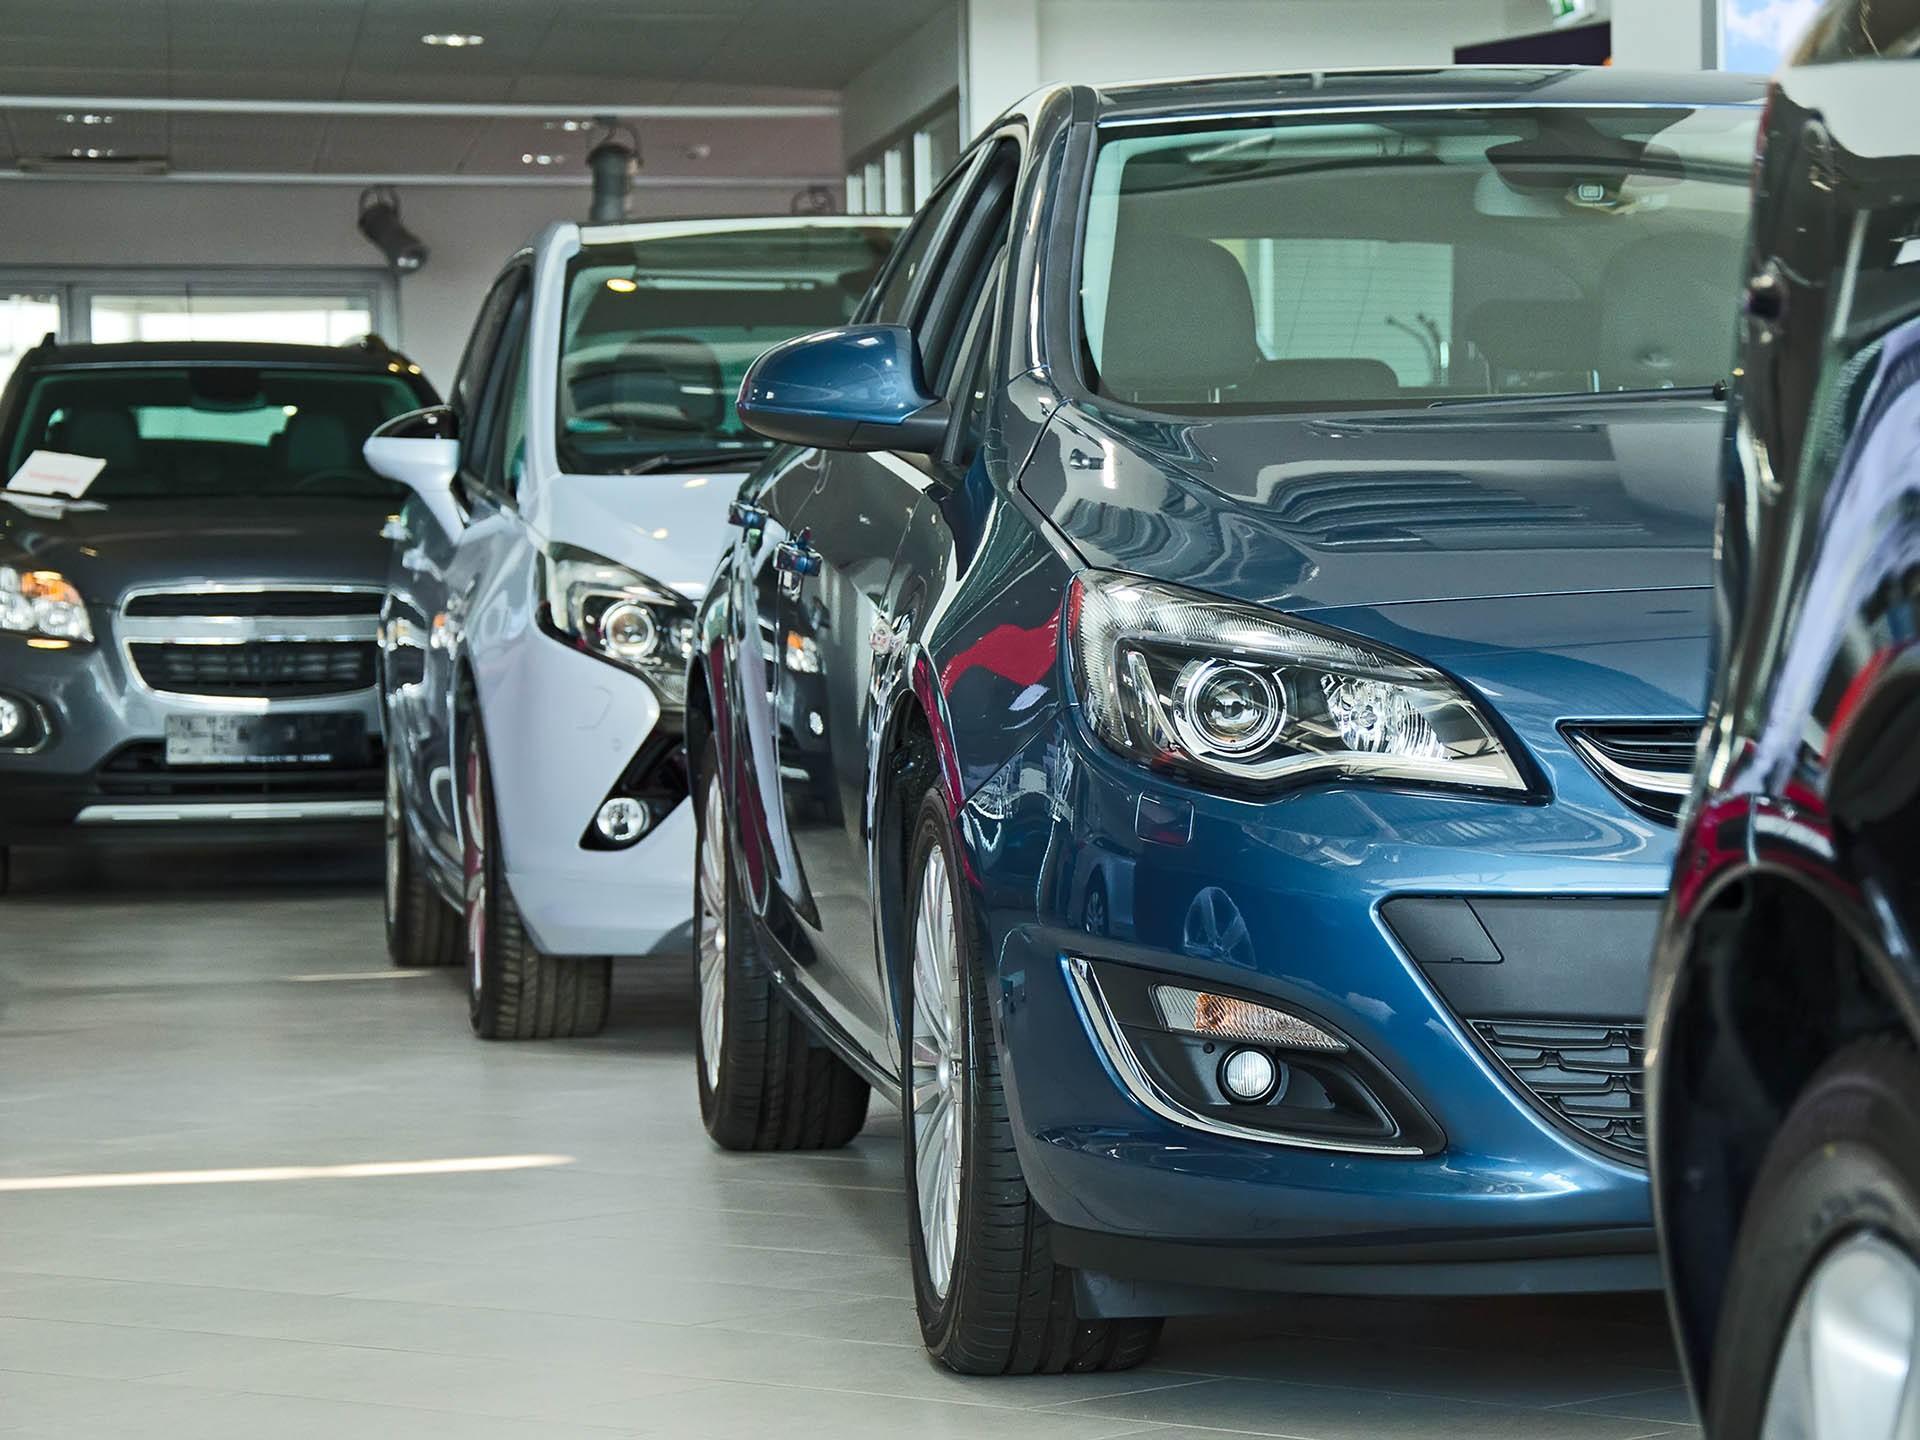 Авито Авто: доля автомобилей сегмента SUV на вторичном авторынке выросла в 2020 году